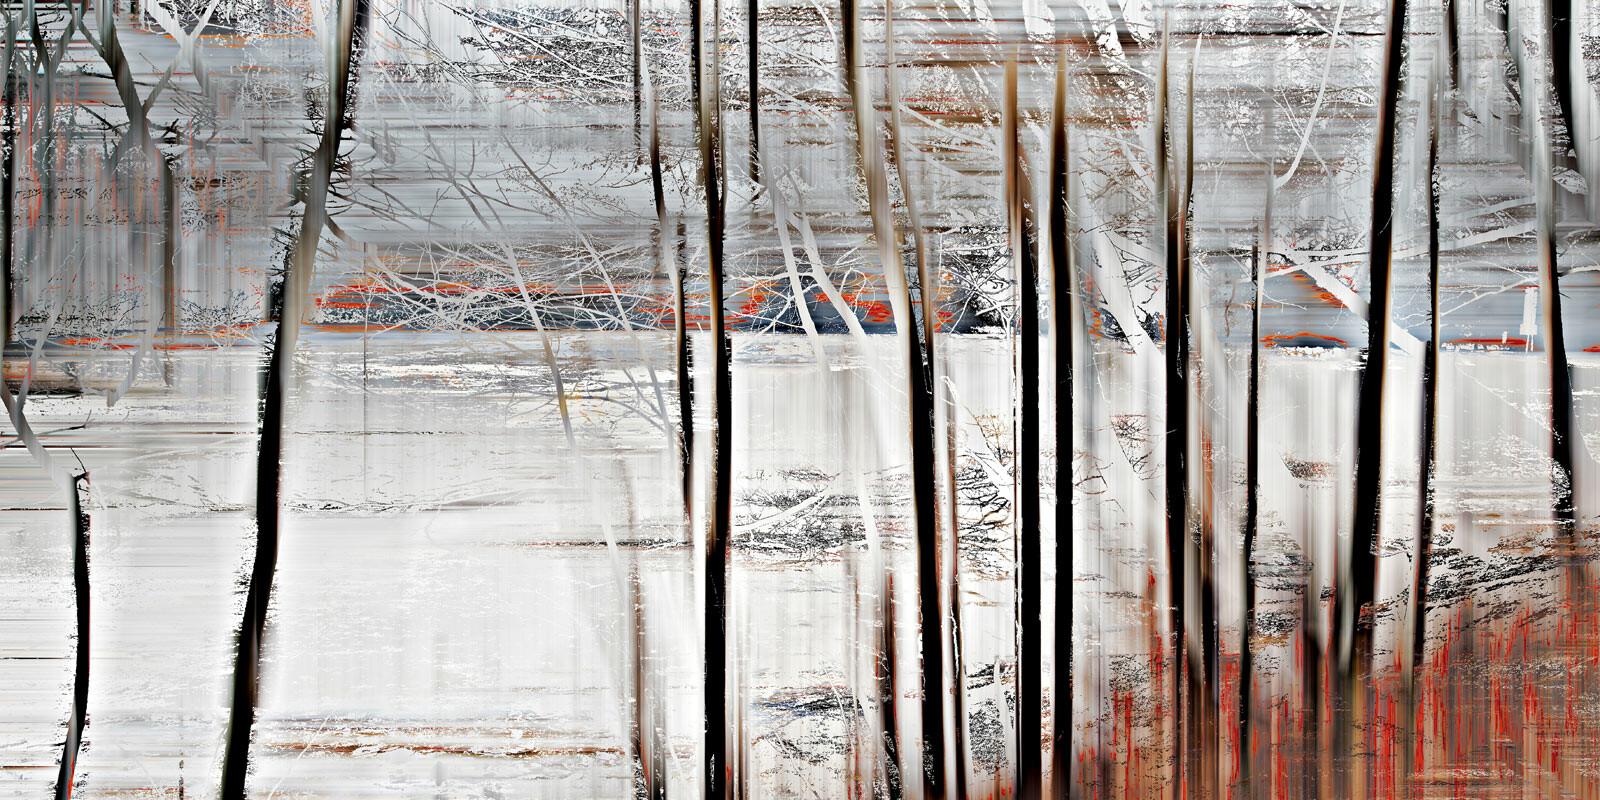 wood_0925 - Sabine Wild